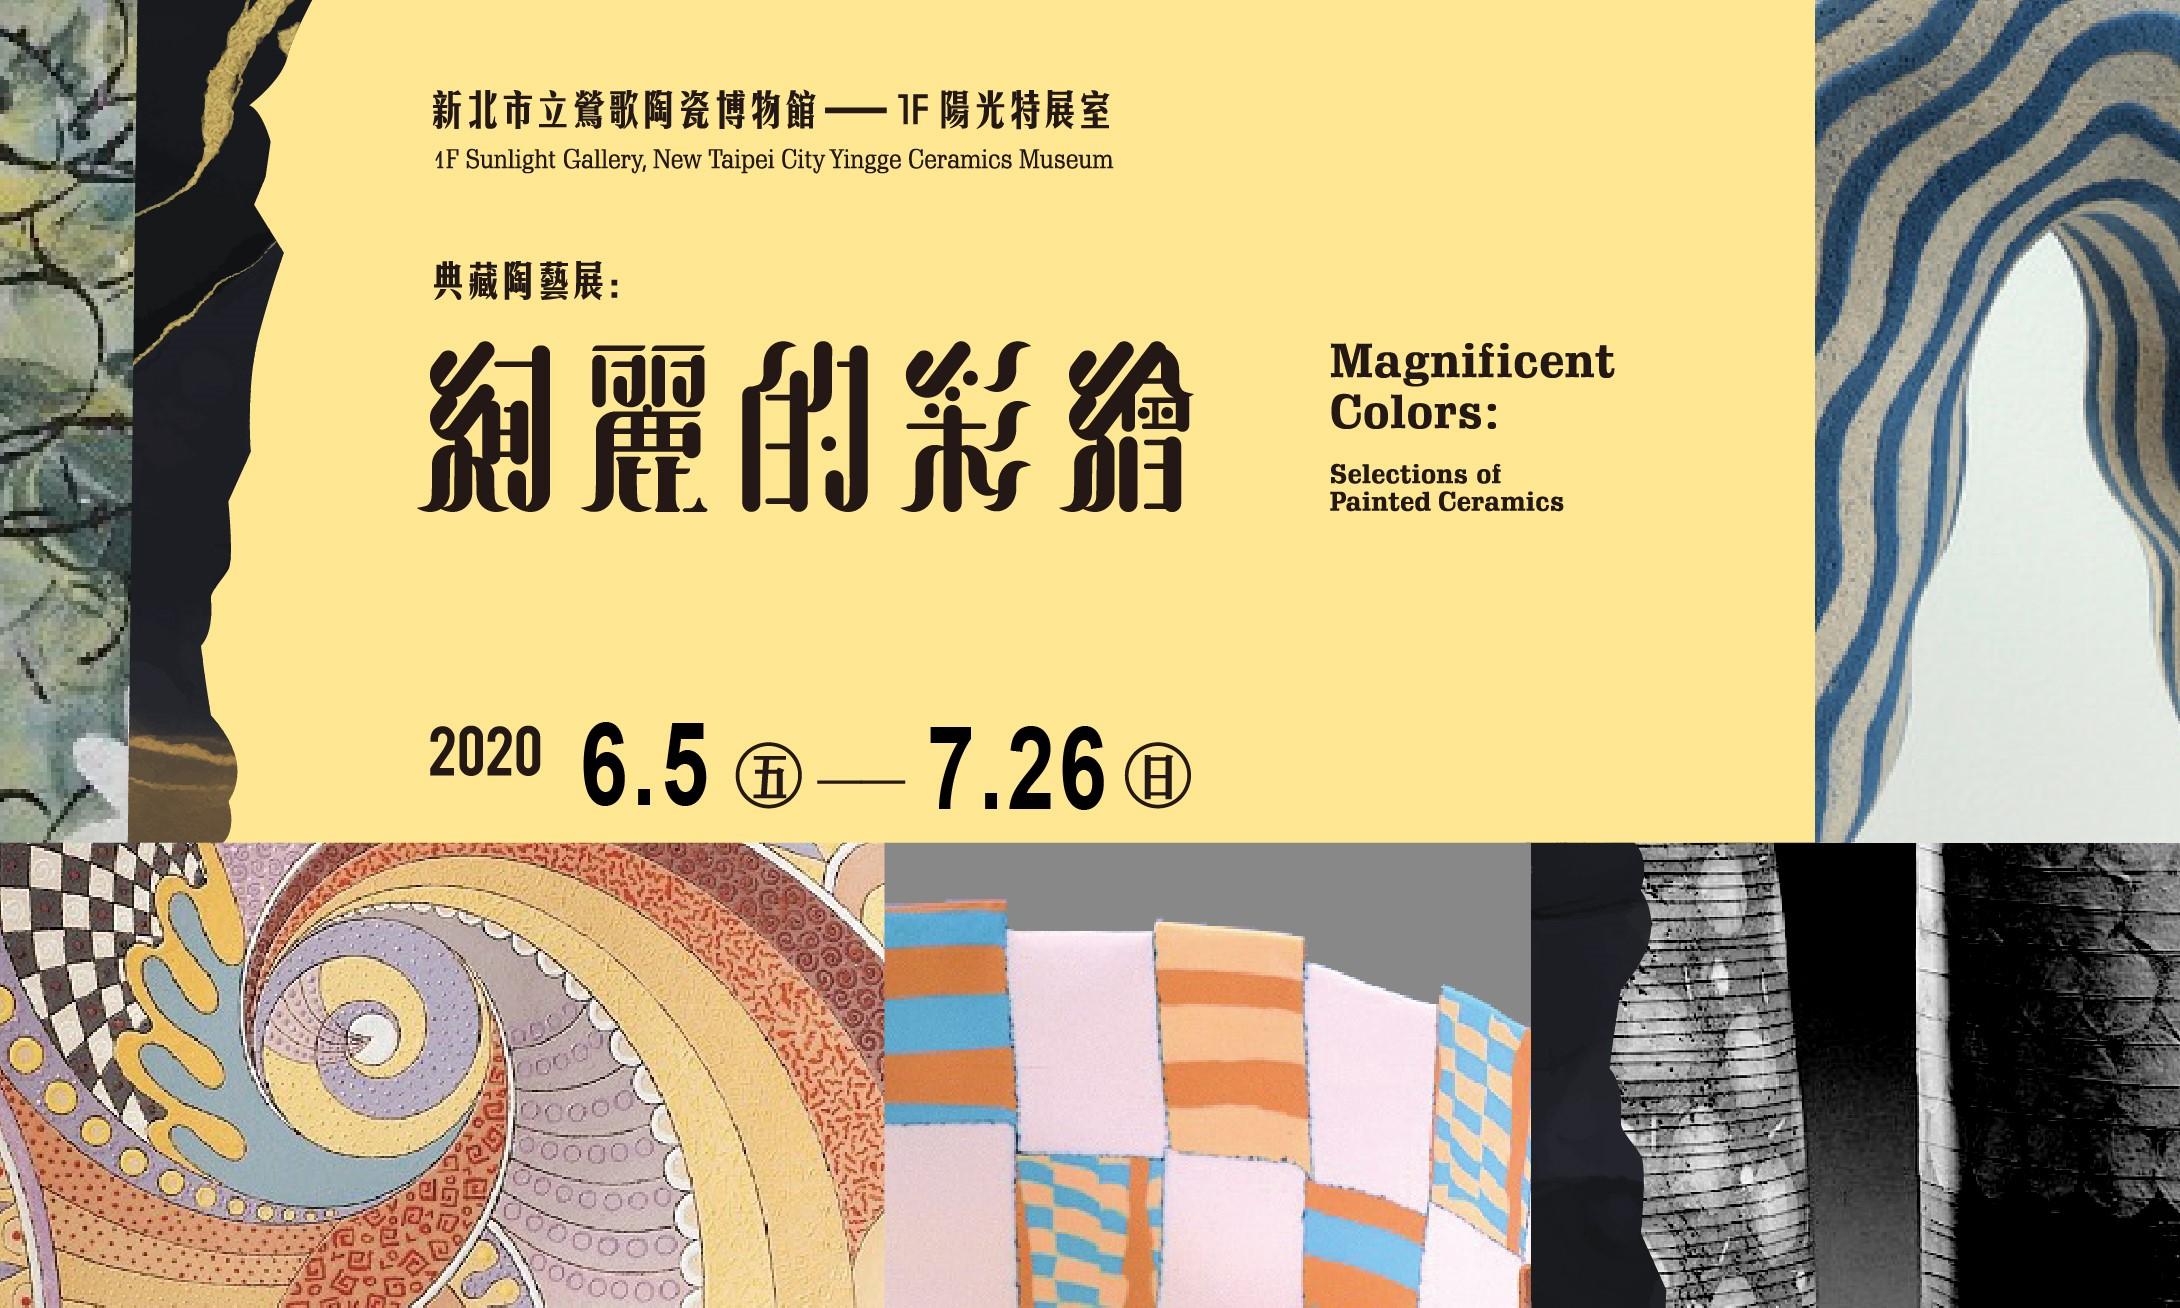 絢麗的彩繪—典藏陶藝展